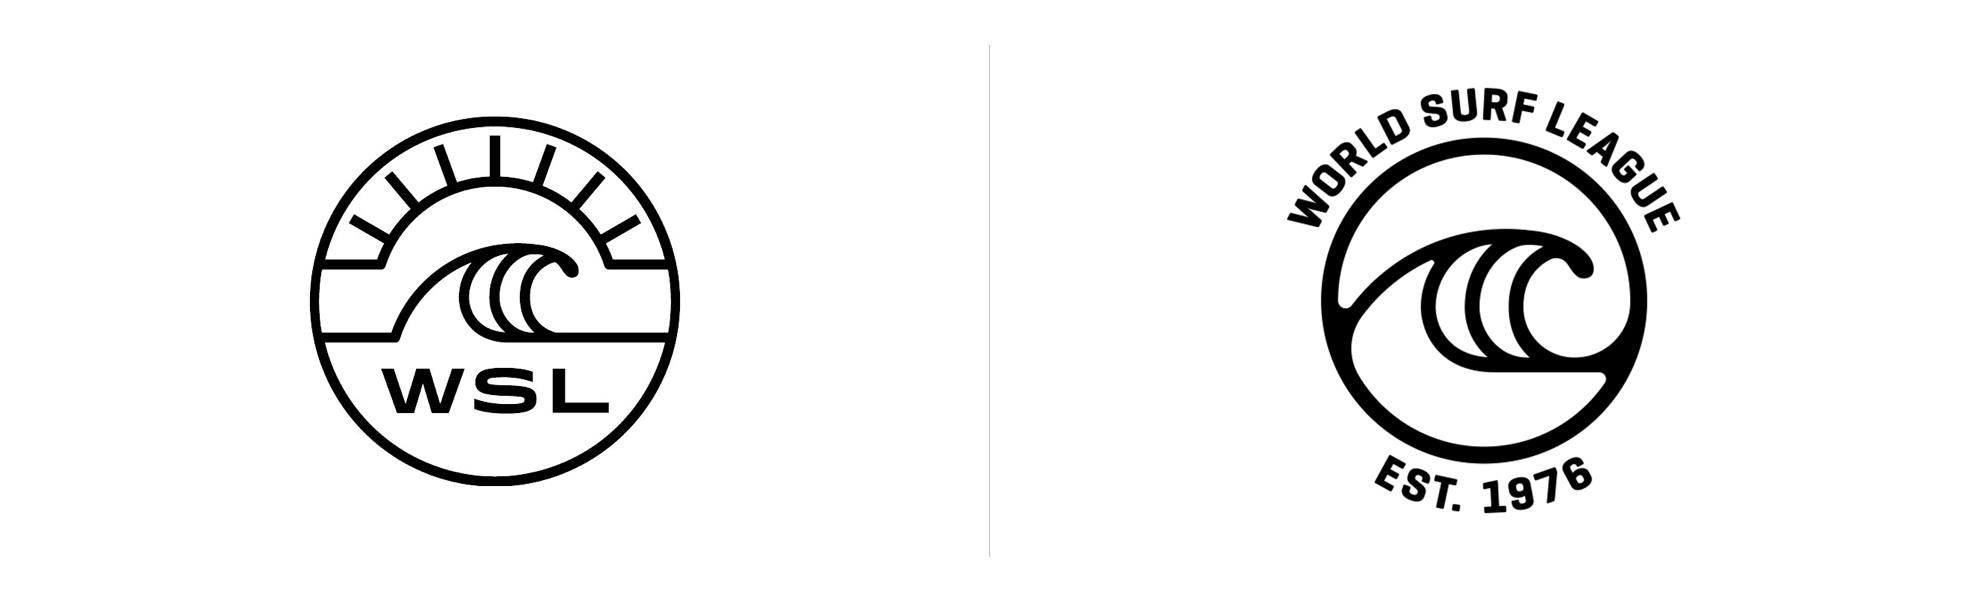 światowa federacja surfingu zmieniła logo